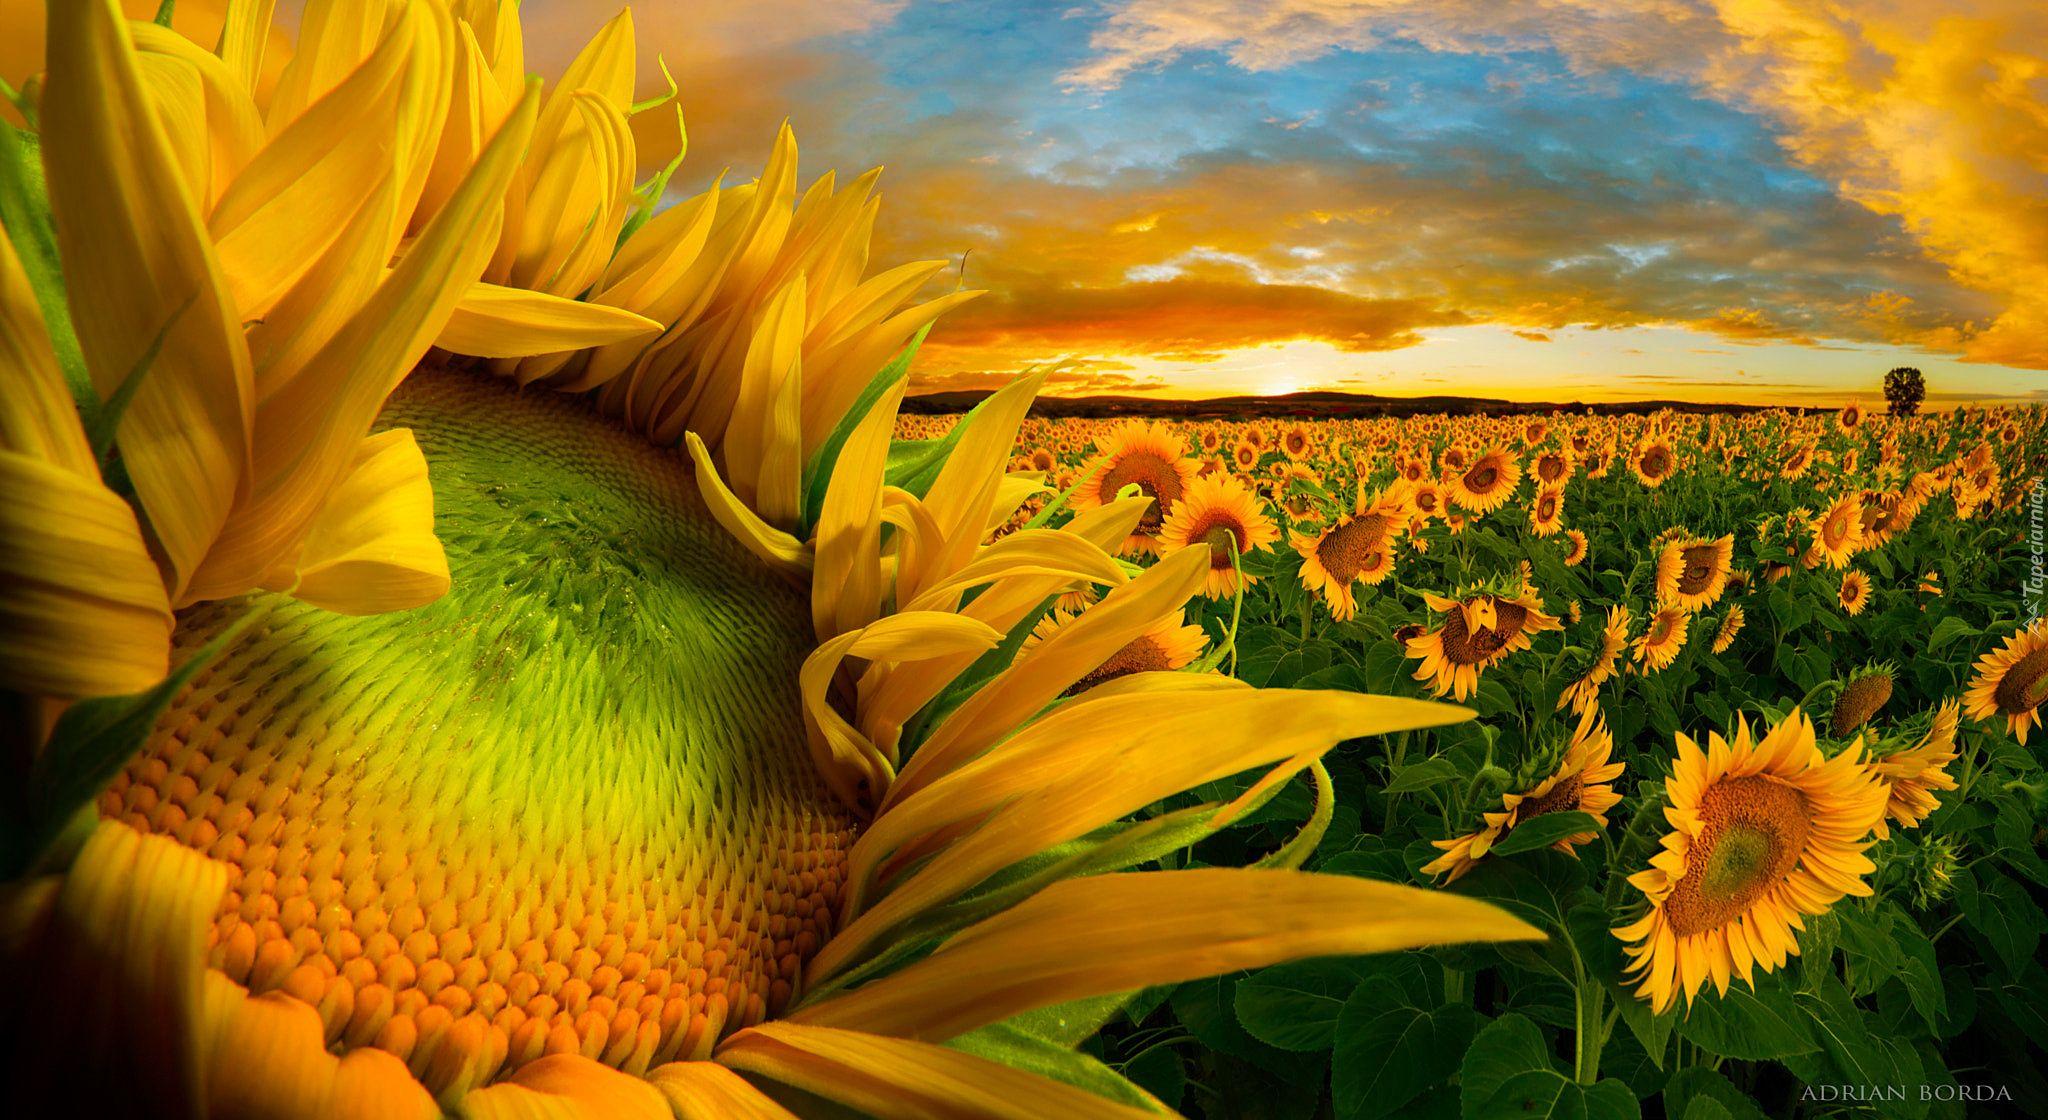 Sloneczniki Zachod Slonca Pole Chmury Cool Landscapes Sunflower Fields Landscape Photography